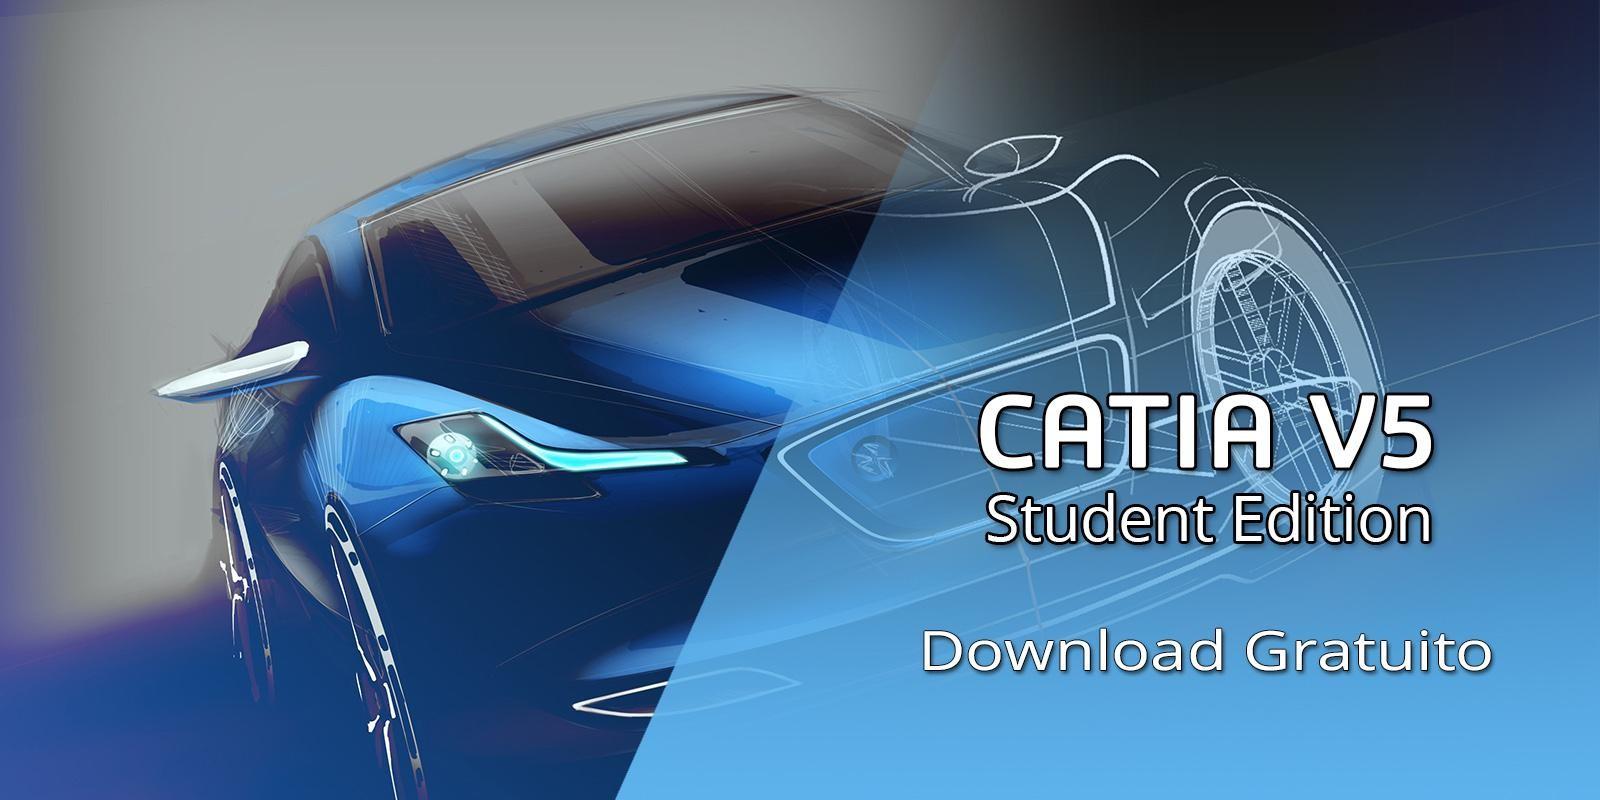 CATIA V5 Student Edition Grátis